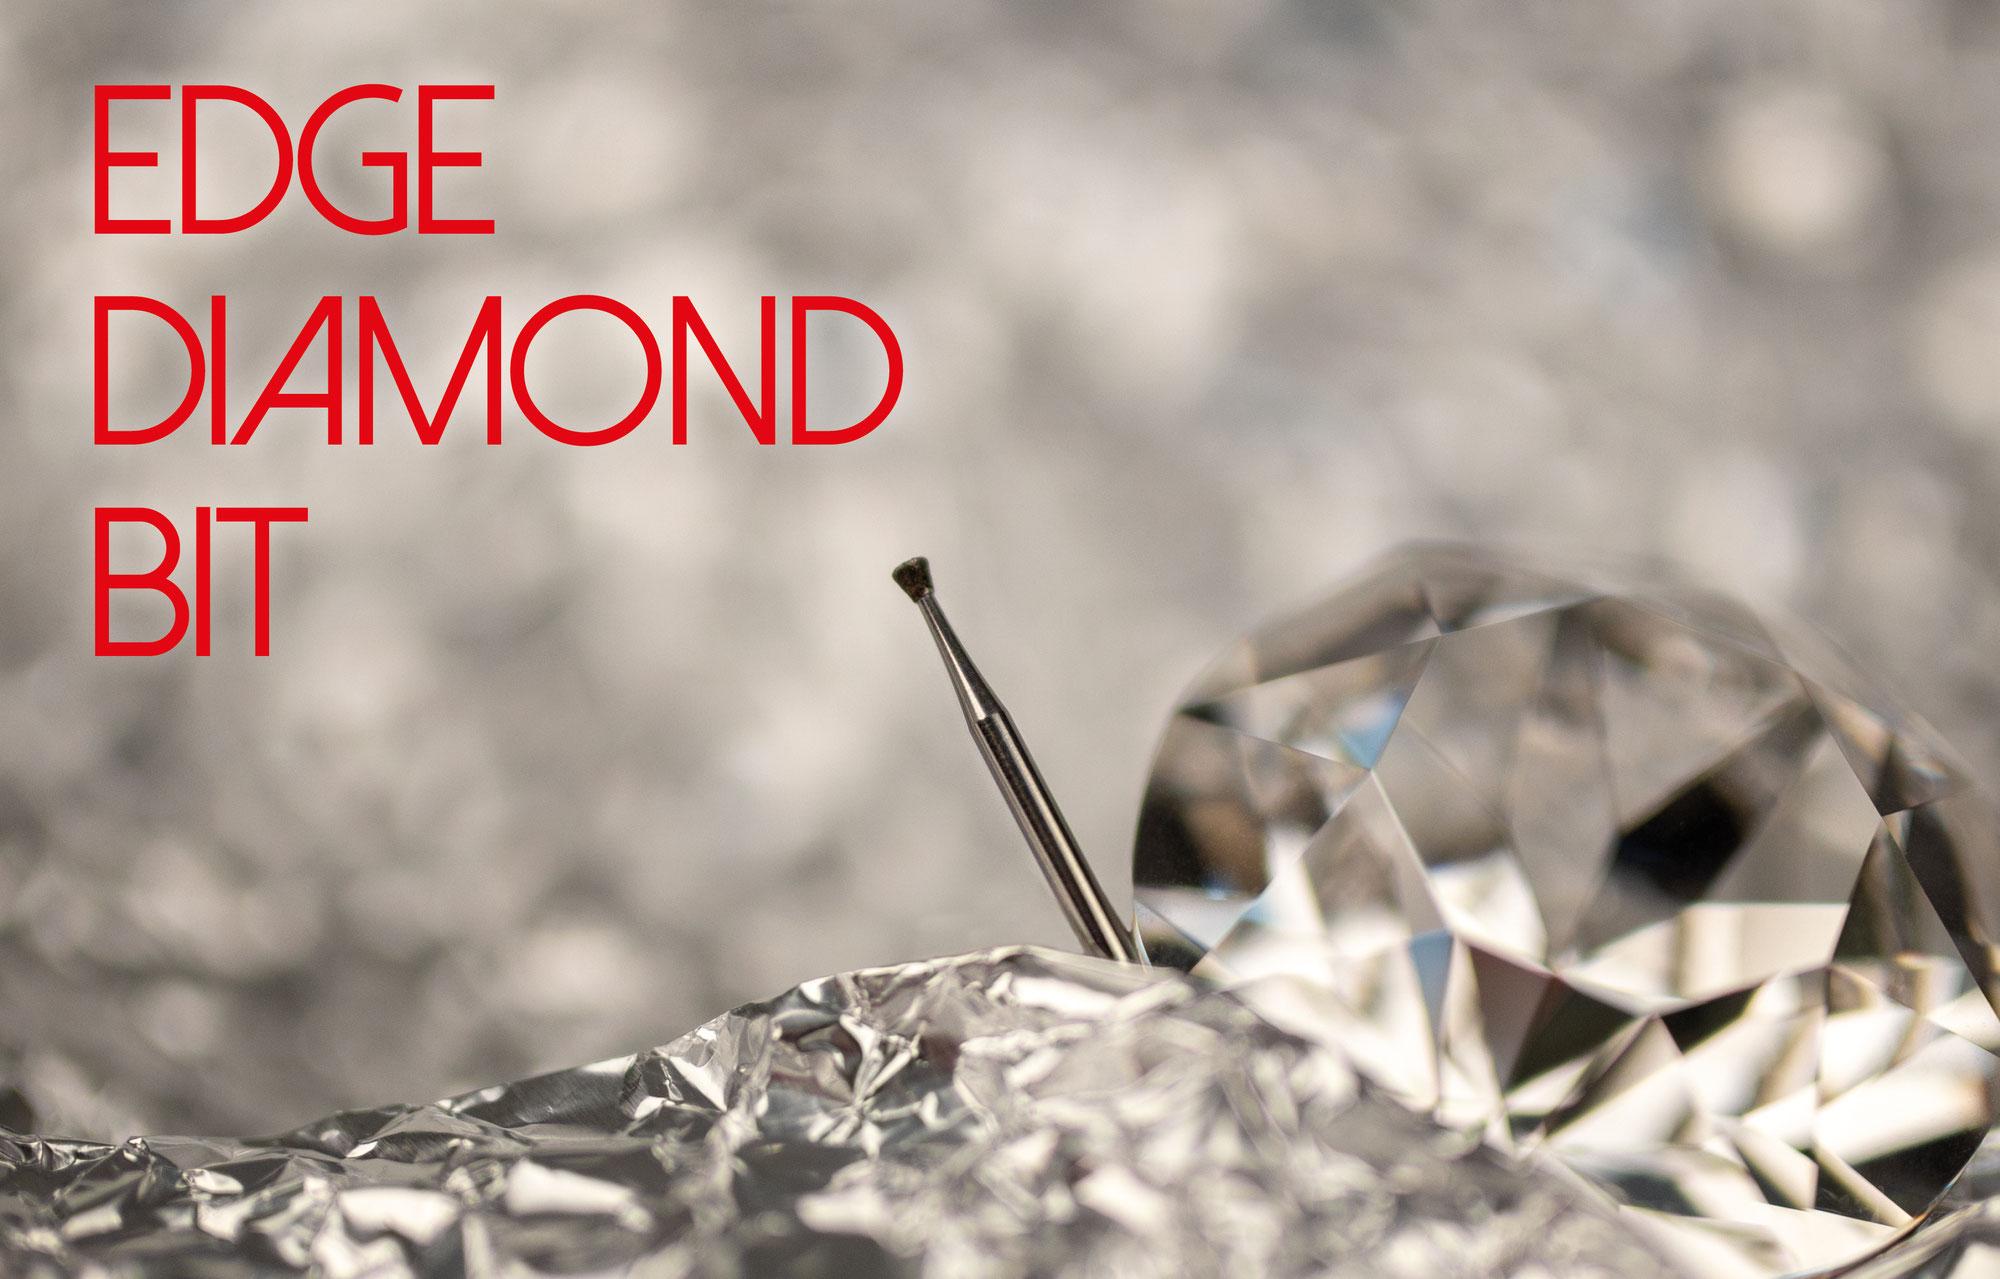 Edge Diamond Bit